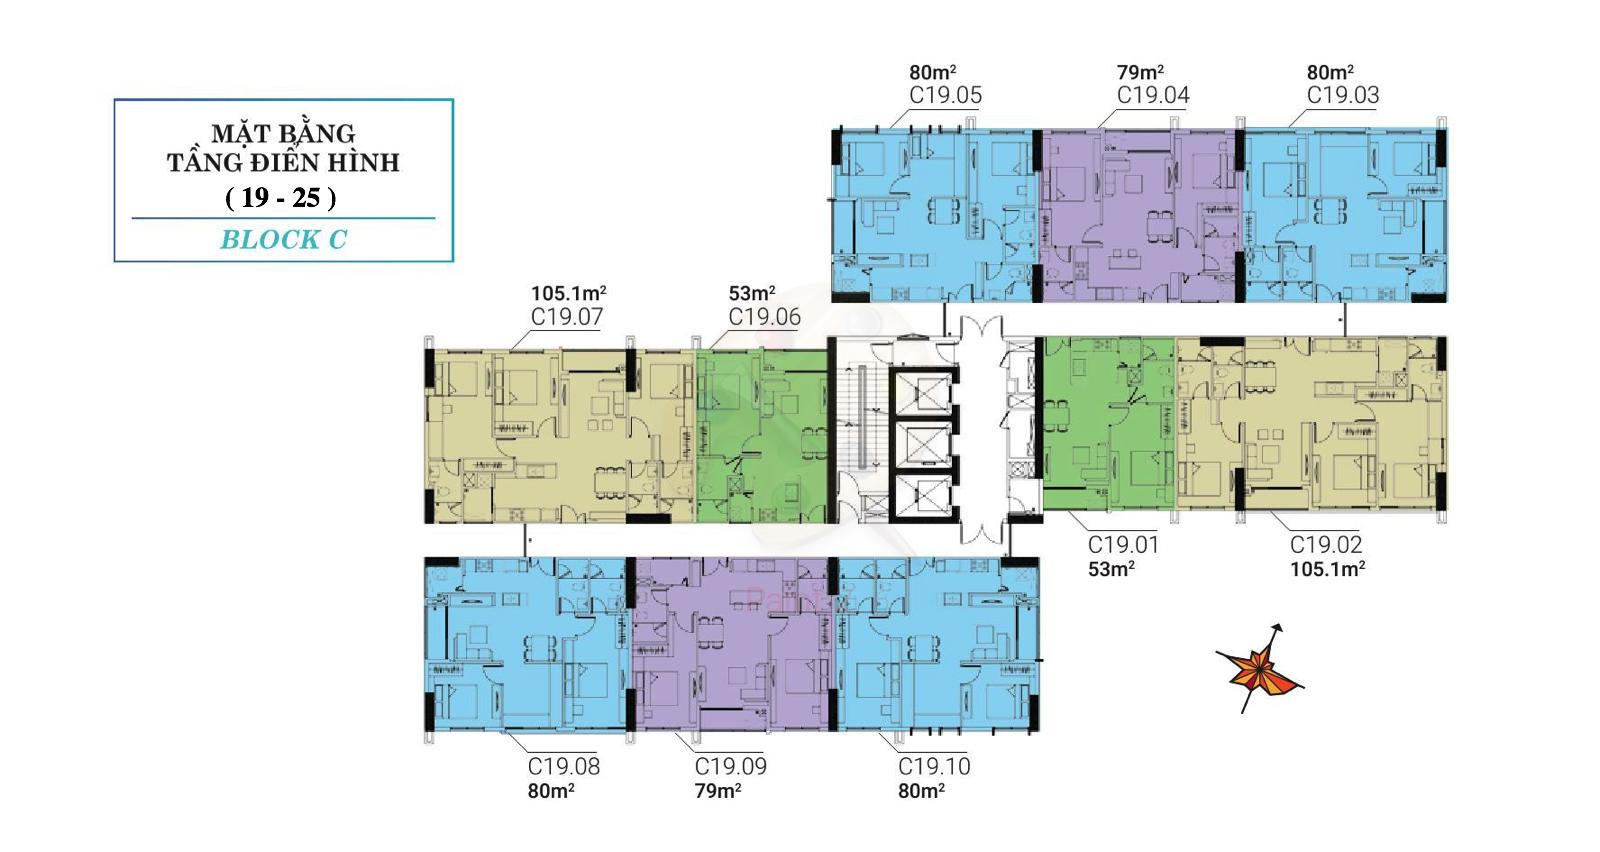 mat-bang-block c tầng 19 - tầng 25